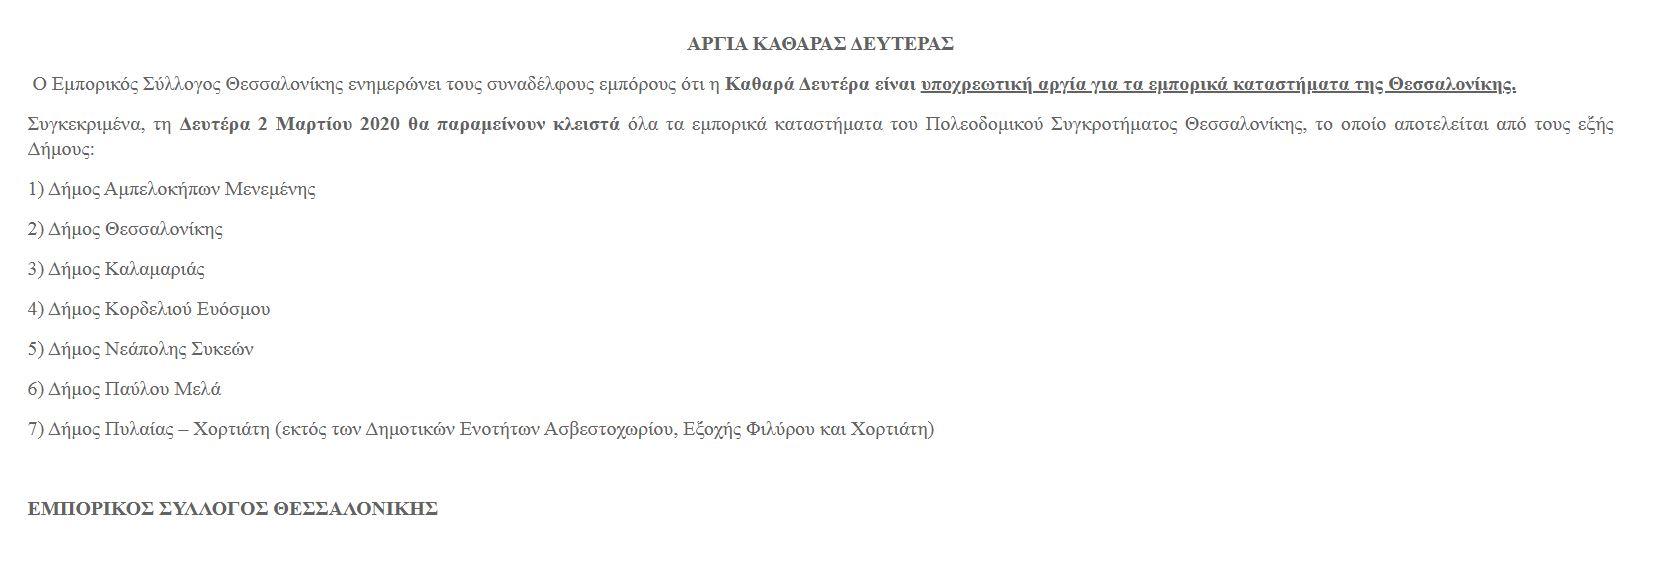 kathara-deytera-2020-thessaloniki-ypoxreotikh-argia-emporikos-syllogos-thesnikis-anoixta-magazia-kathari-deytera-02-03-2020